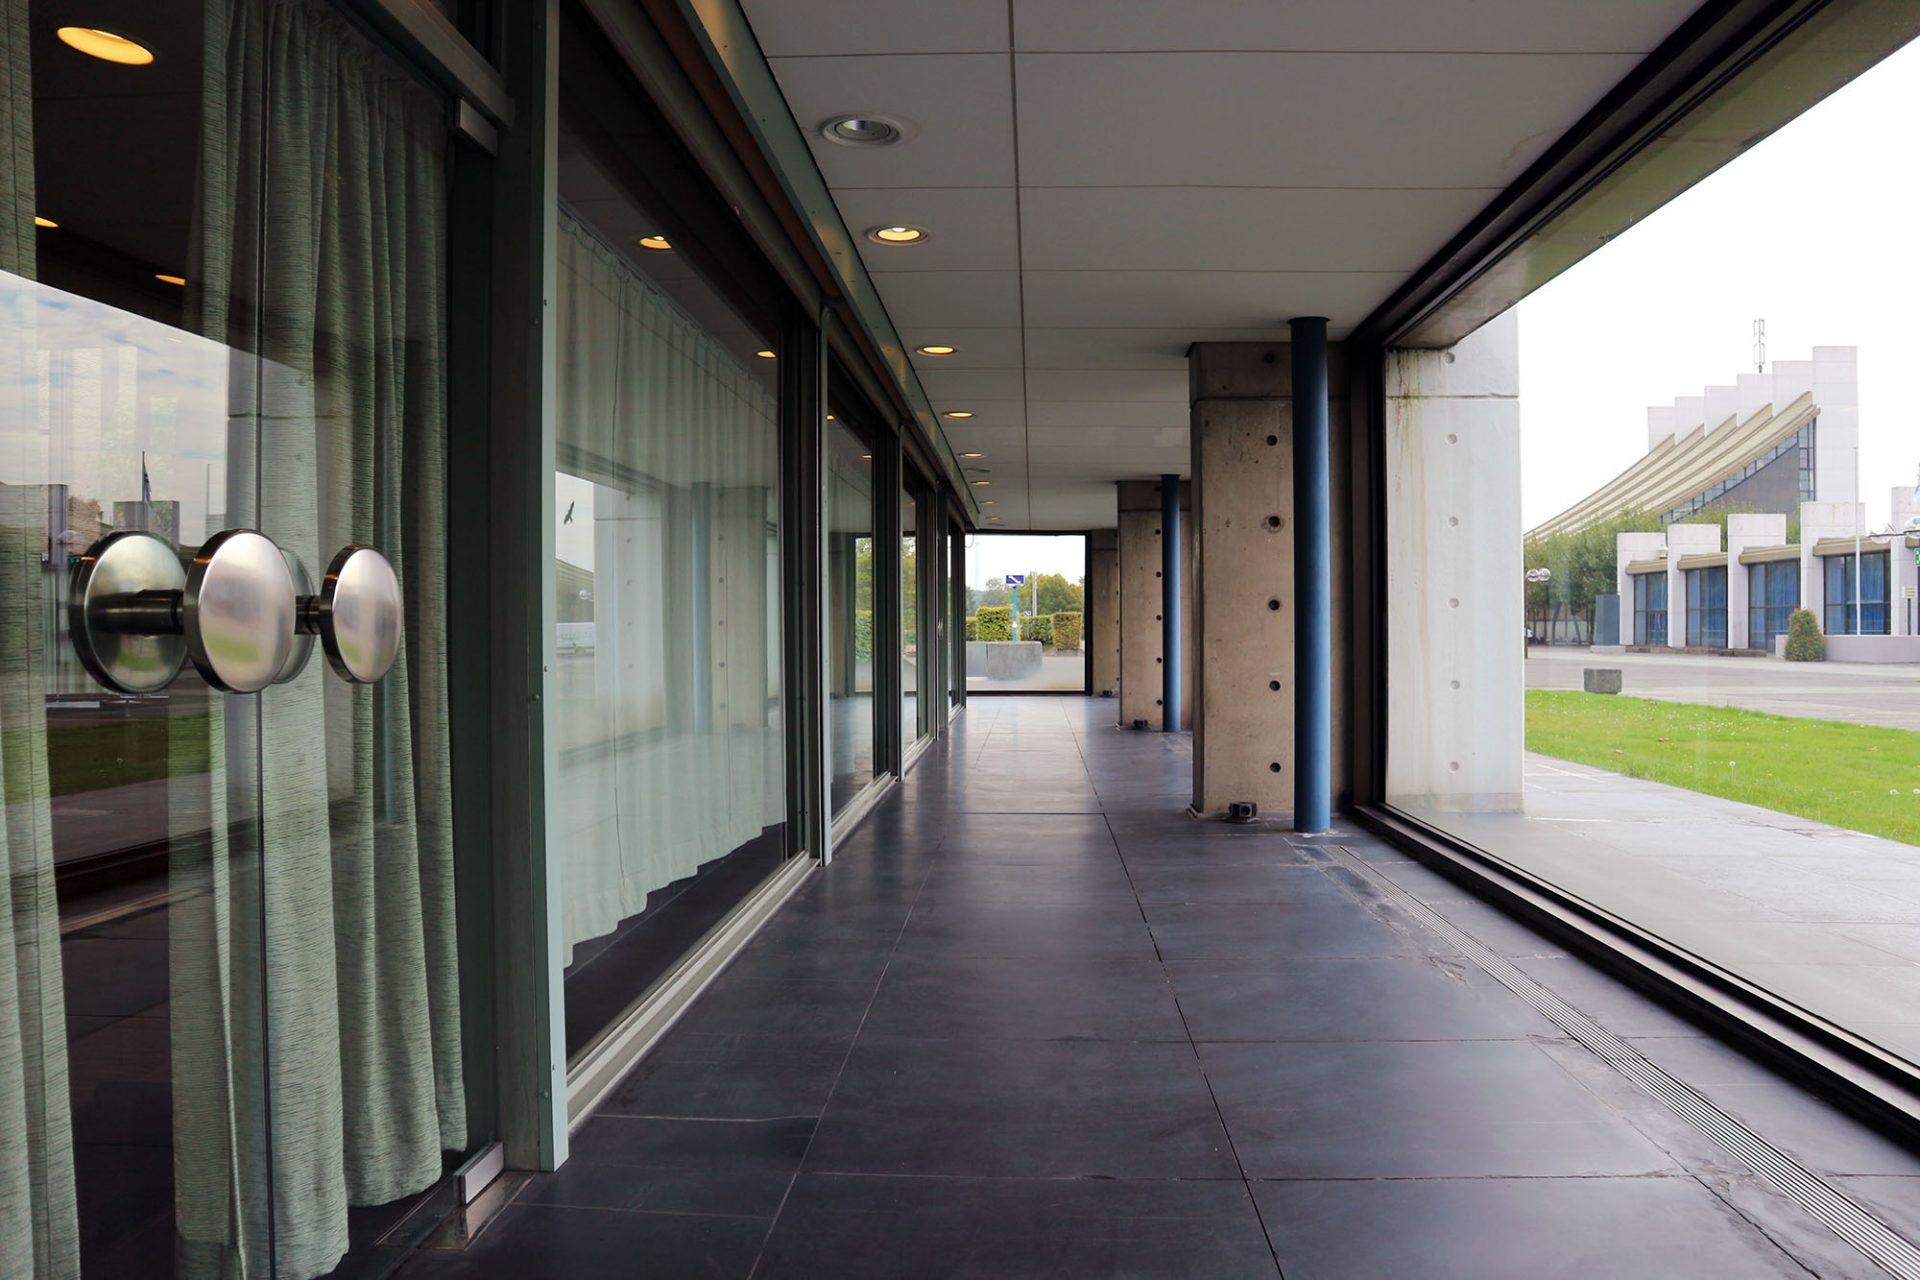 Ratssaal Castrop-Rauxel. Innen- und Außenraum scheinen im Umgang und Foyer des Ratssaales miteinander zu verschmelzen.